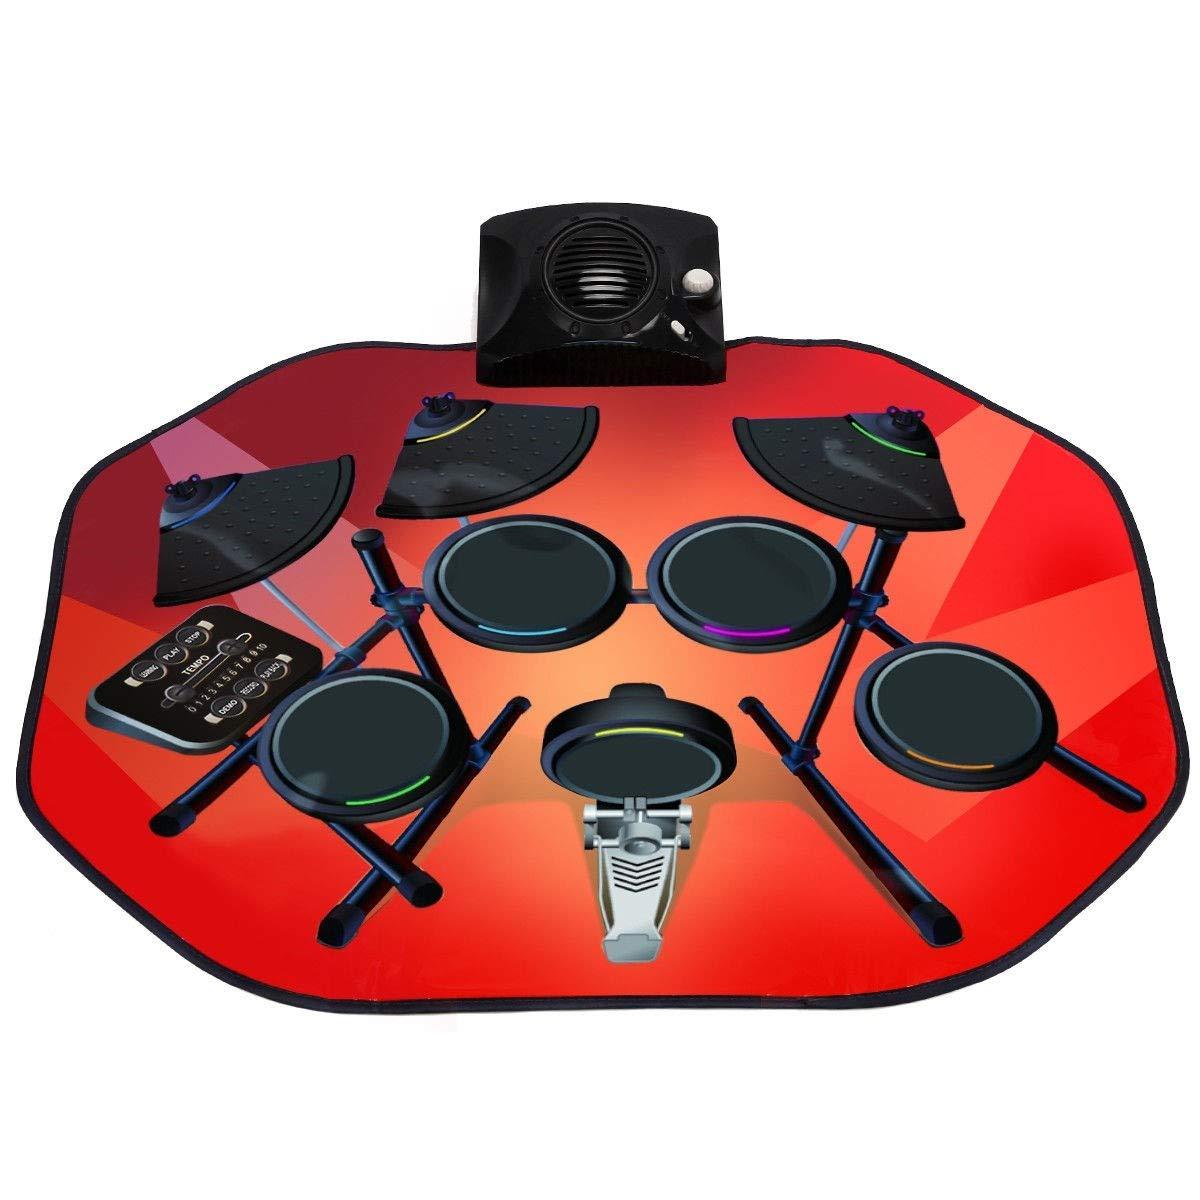 USA_BEST_SELLER 電子発光プレイドラムマットキットセット MP3ケーブル付き 子供へのホリデーや誕生日プレゼントに最適 B07LB6CF58